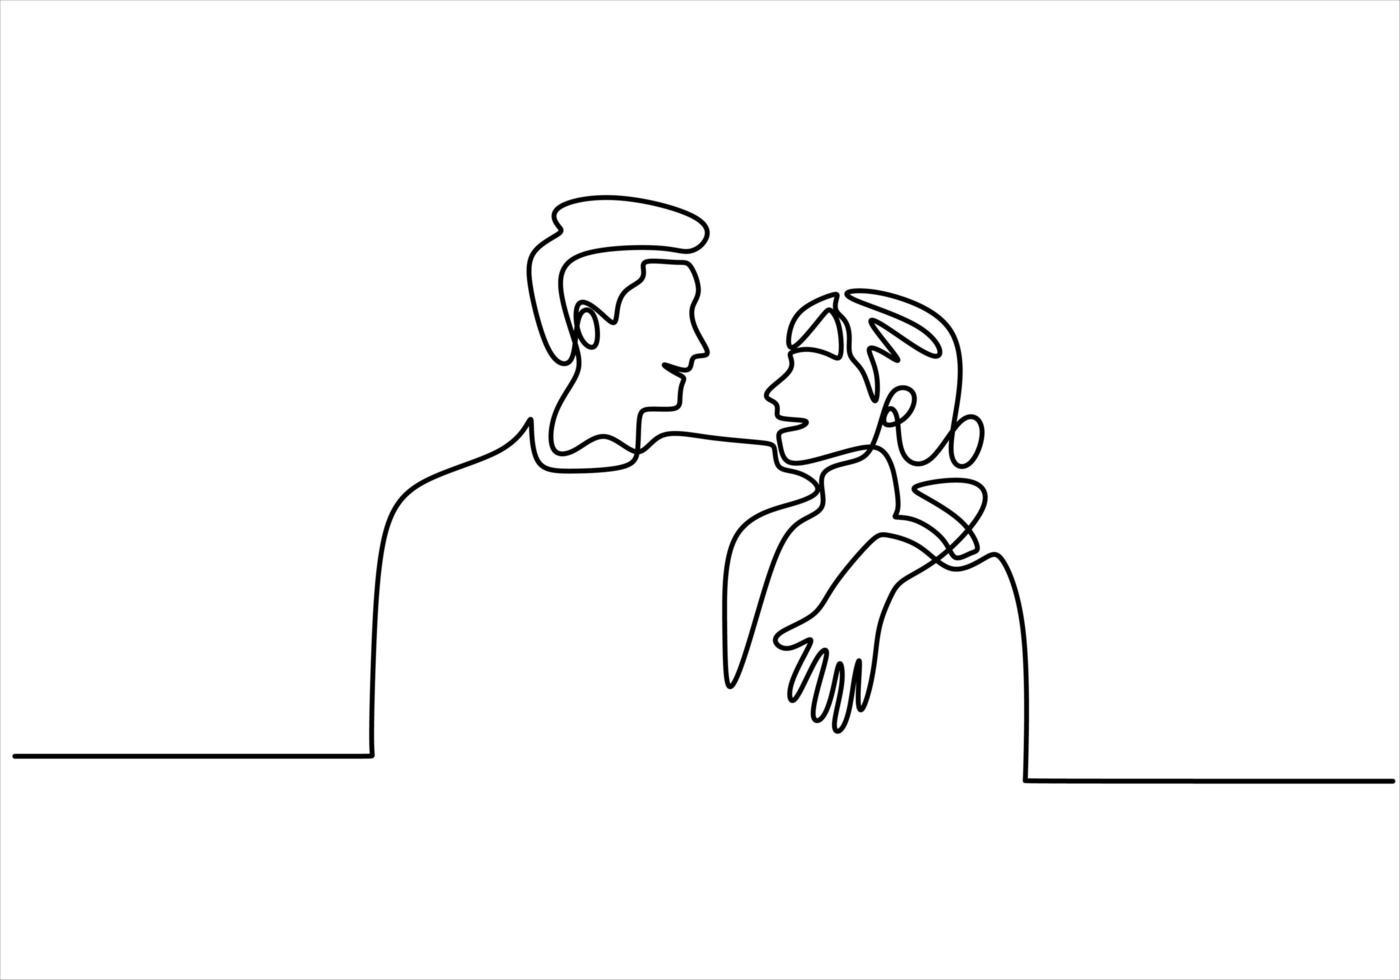 continu een lijntekening. liefdevolle paar vrouw en man in liefdesrelatie. vector illustratie, minimalisme stijl.